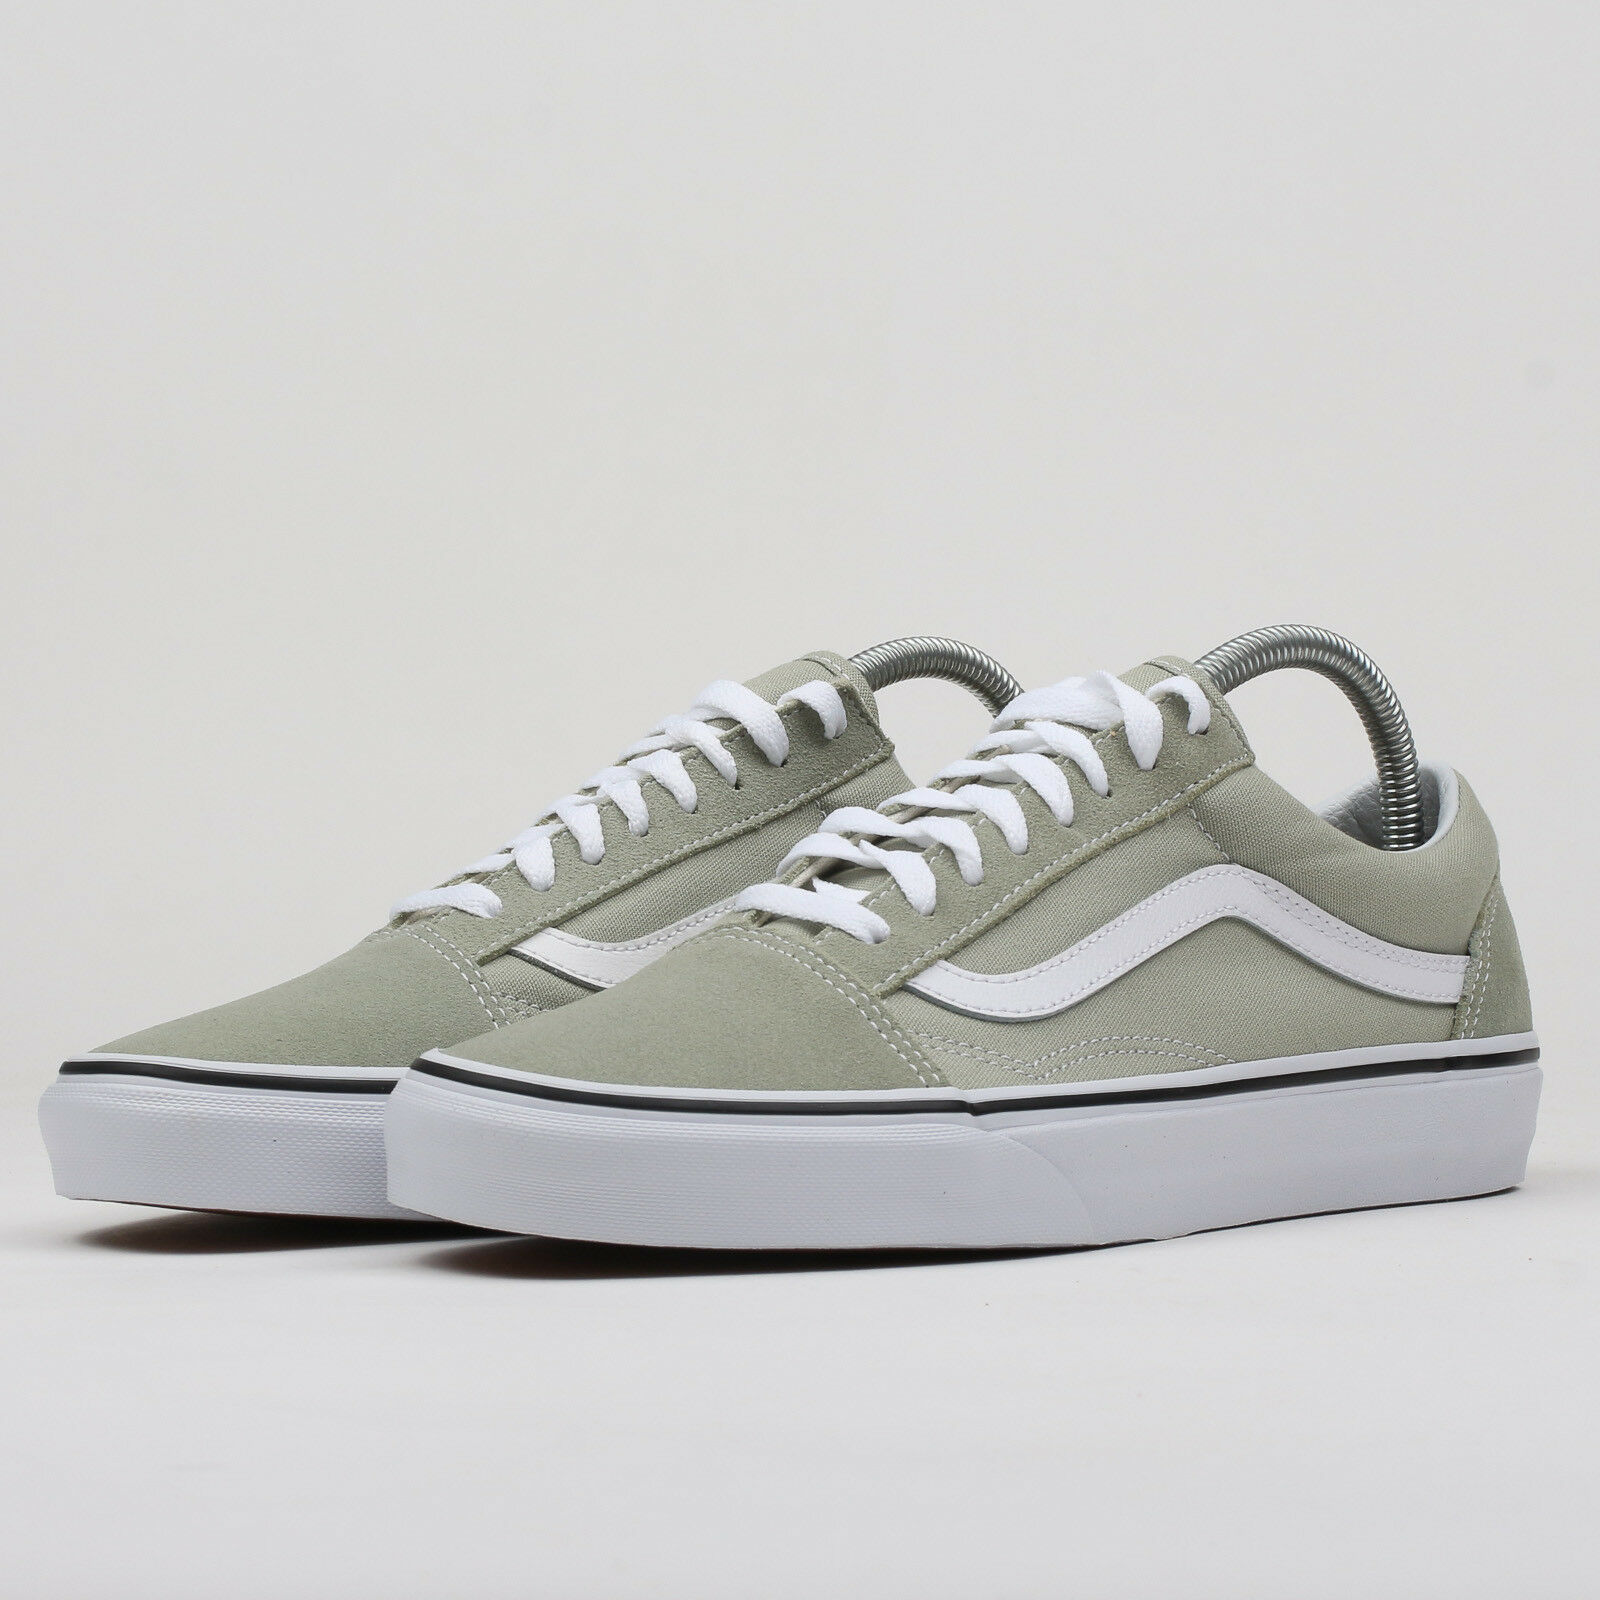 Vans Old Skool Desert Sage/True bianca UE 37, uomini, verde, vn0a38g1u62